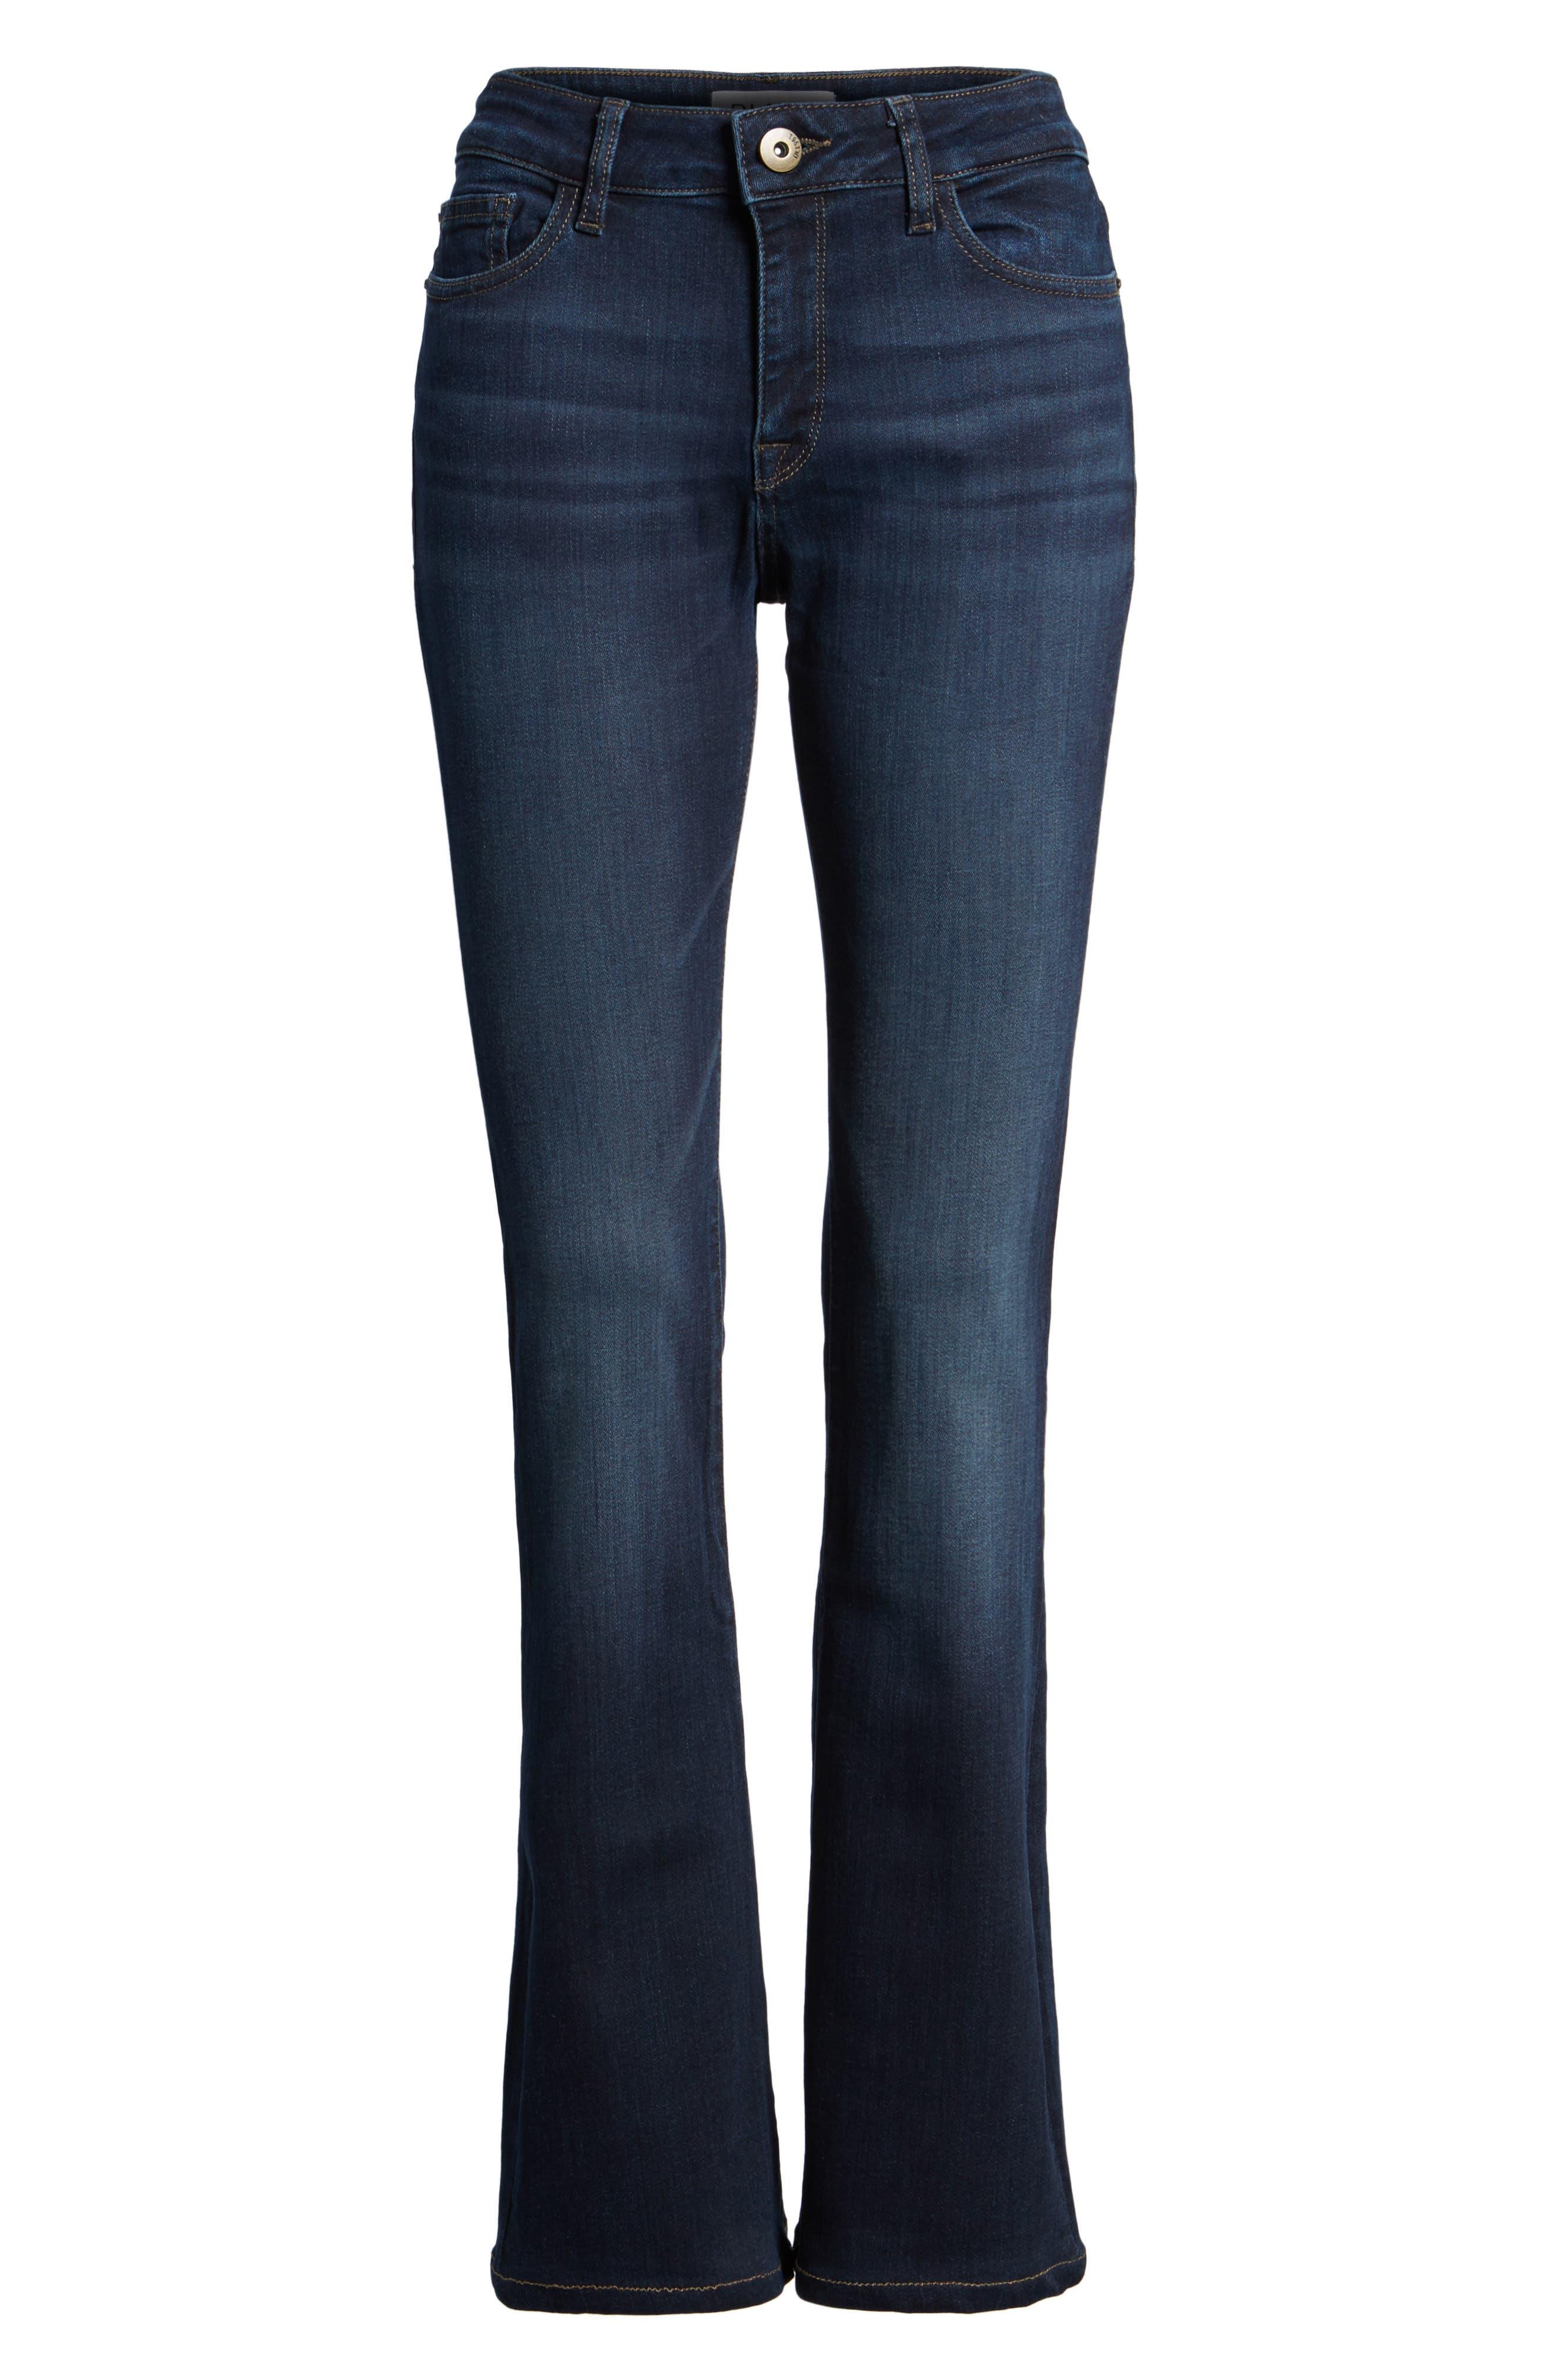 DL1961, 'Bridget 33' Bootcut Jeans, Main thumbnail 1, color, PEAK